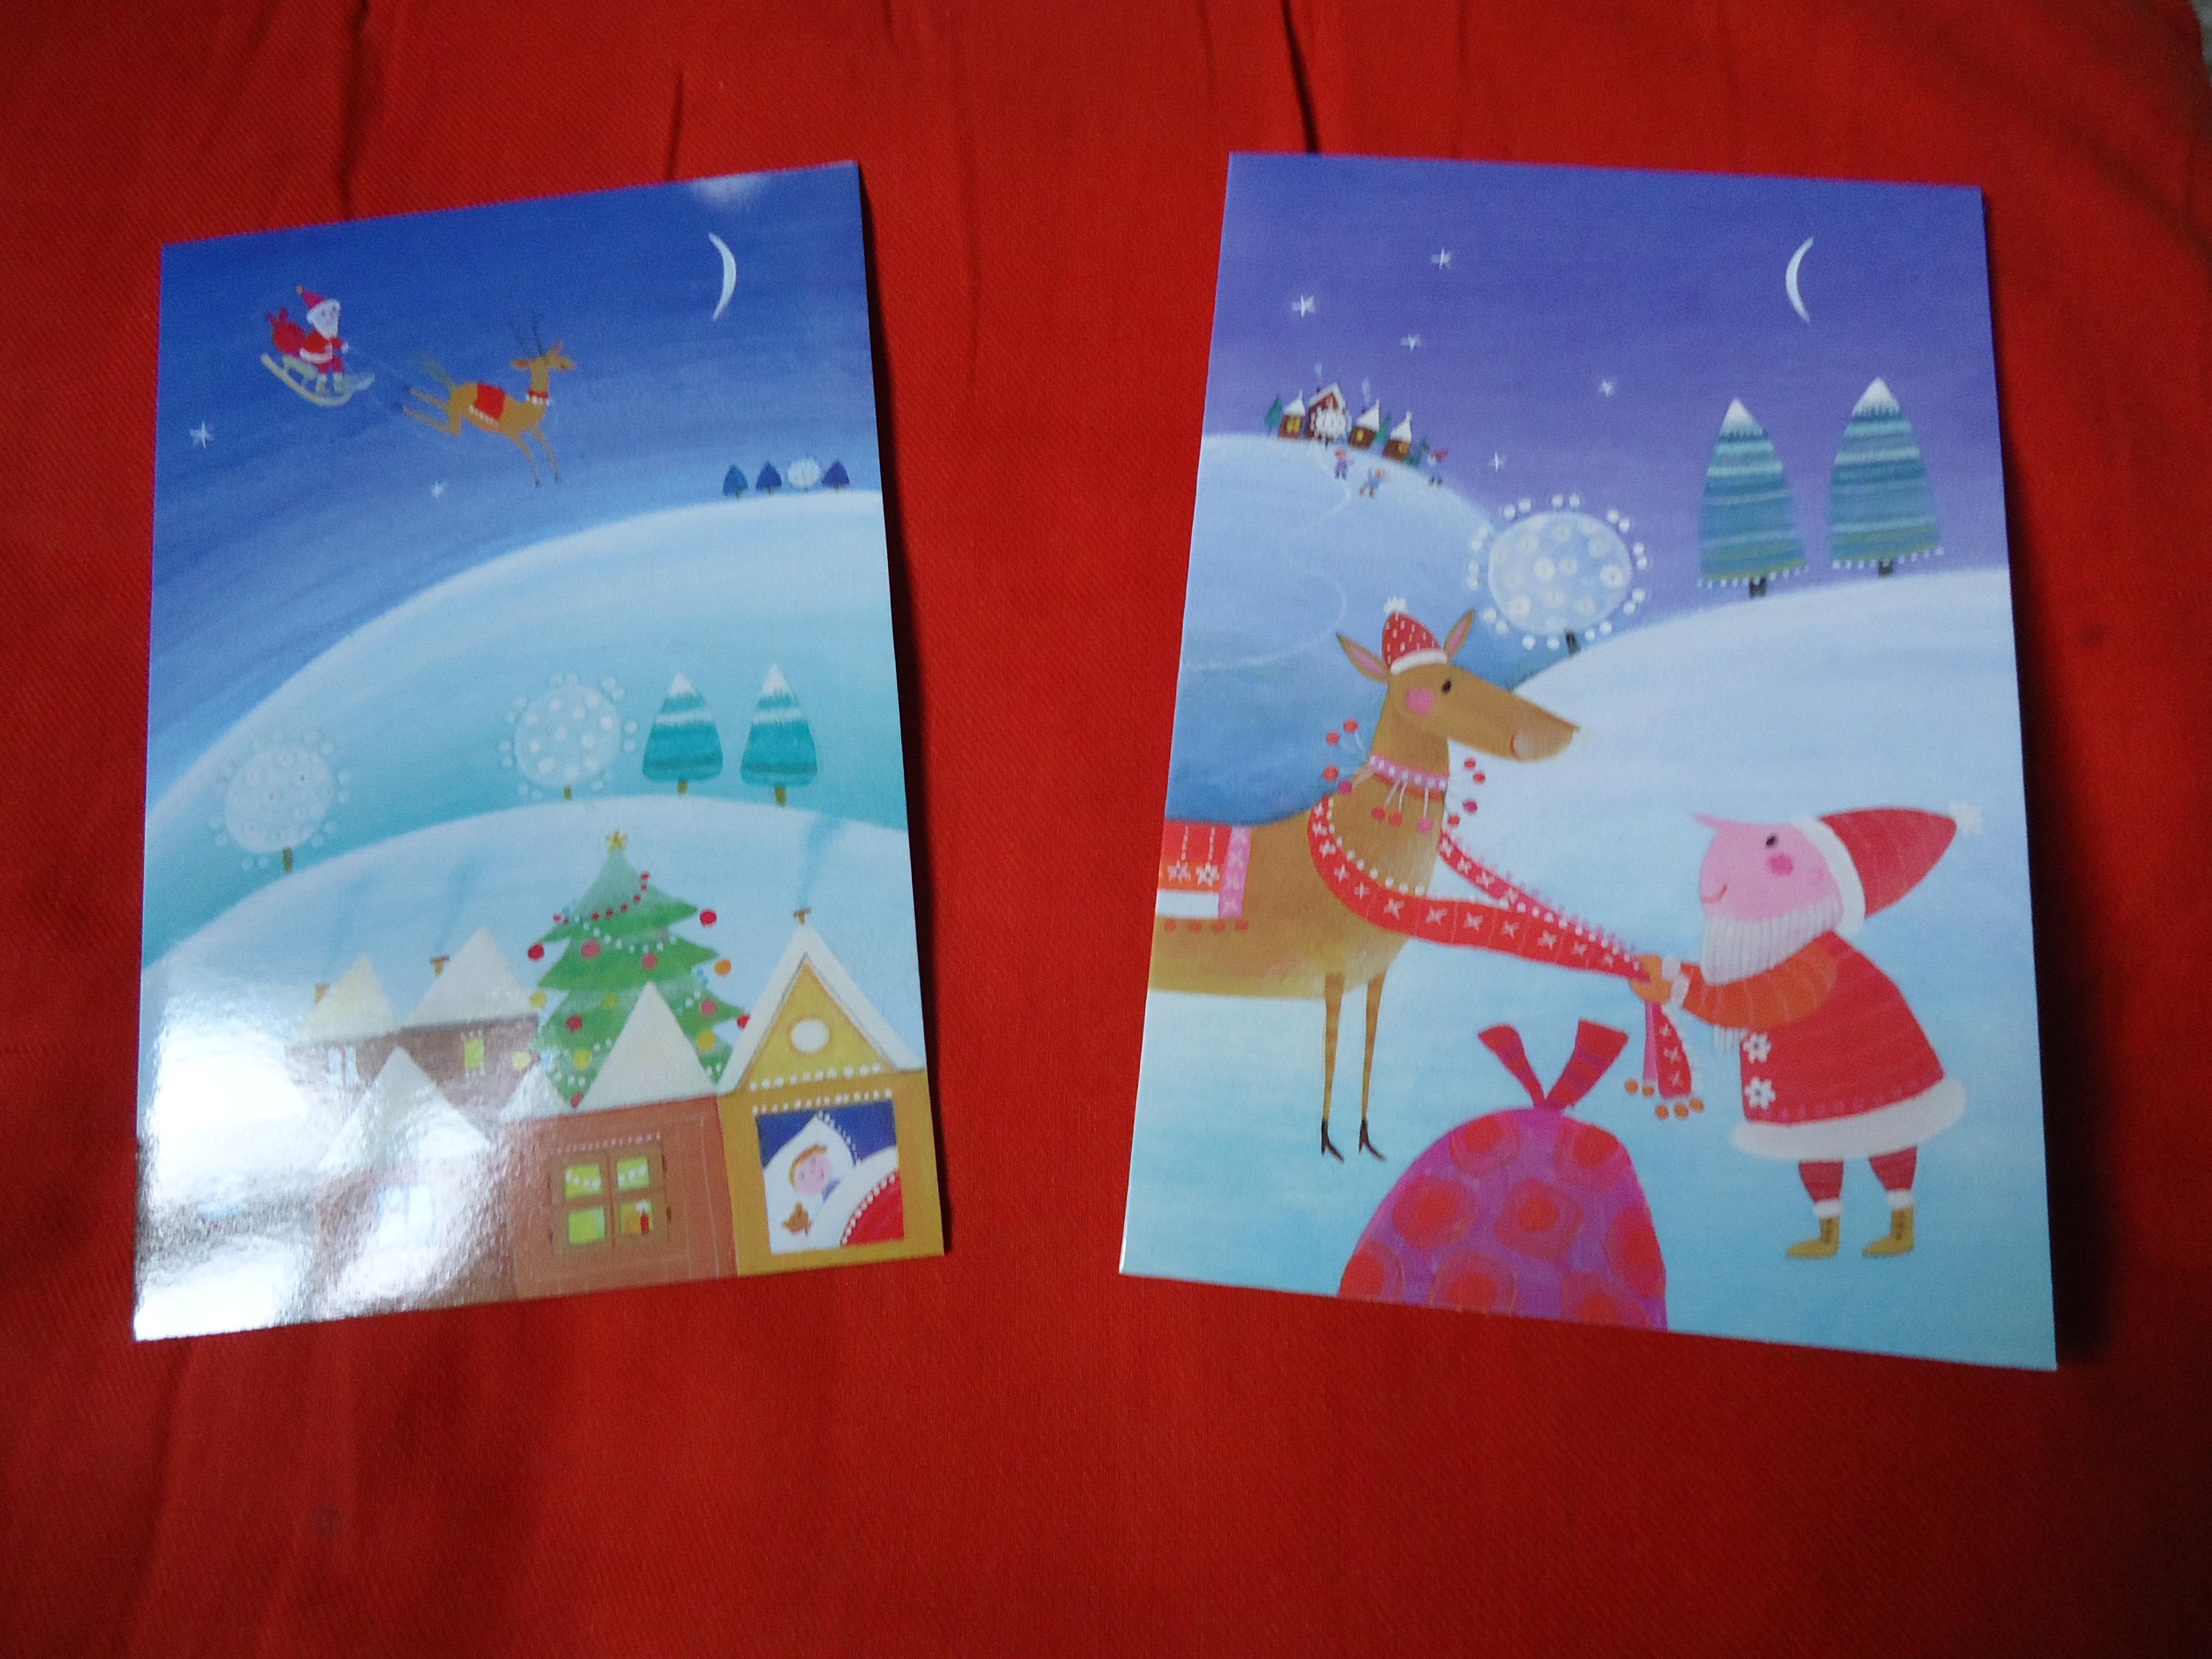 Die wissenschaft der weihnachtskarten astrodicticum simplex - Weihnachtskarten unicef ...